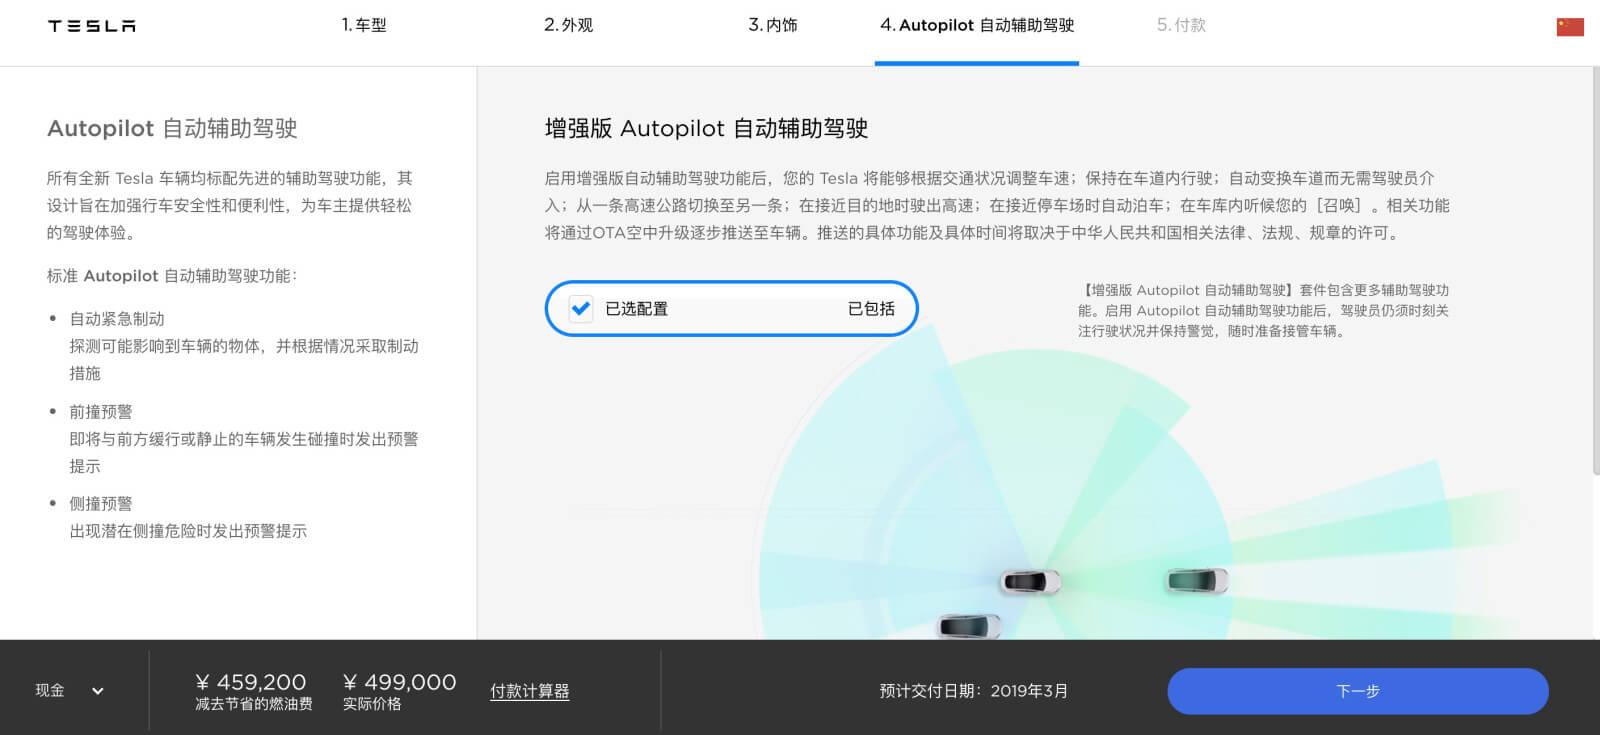 Tesla включила автопилот Model 3в стандартное оборудование вКитае